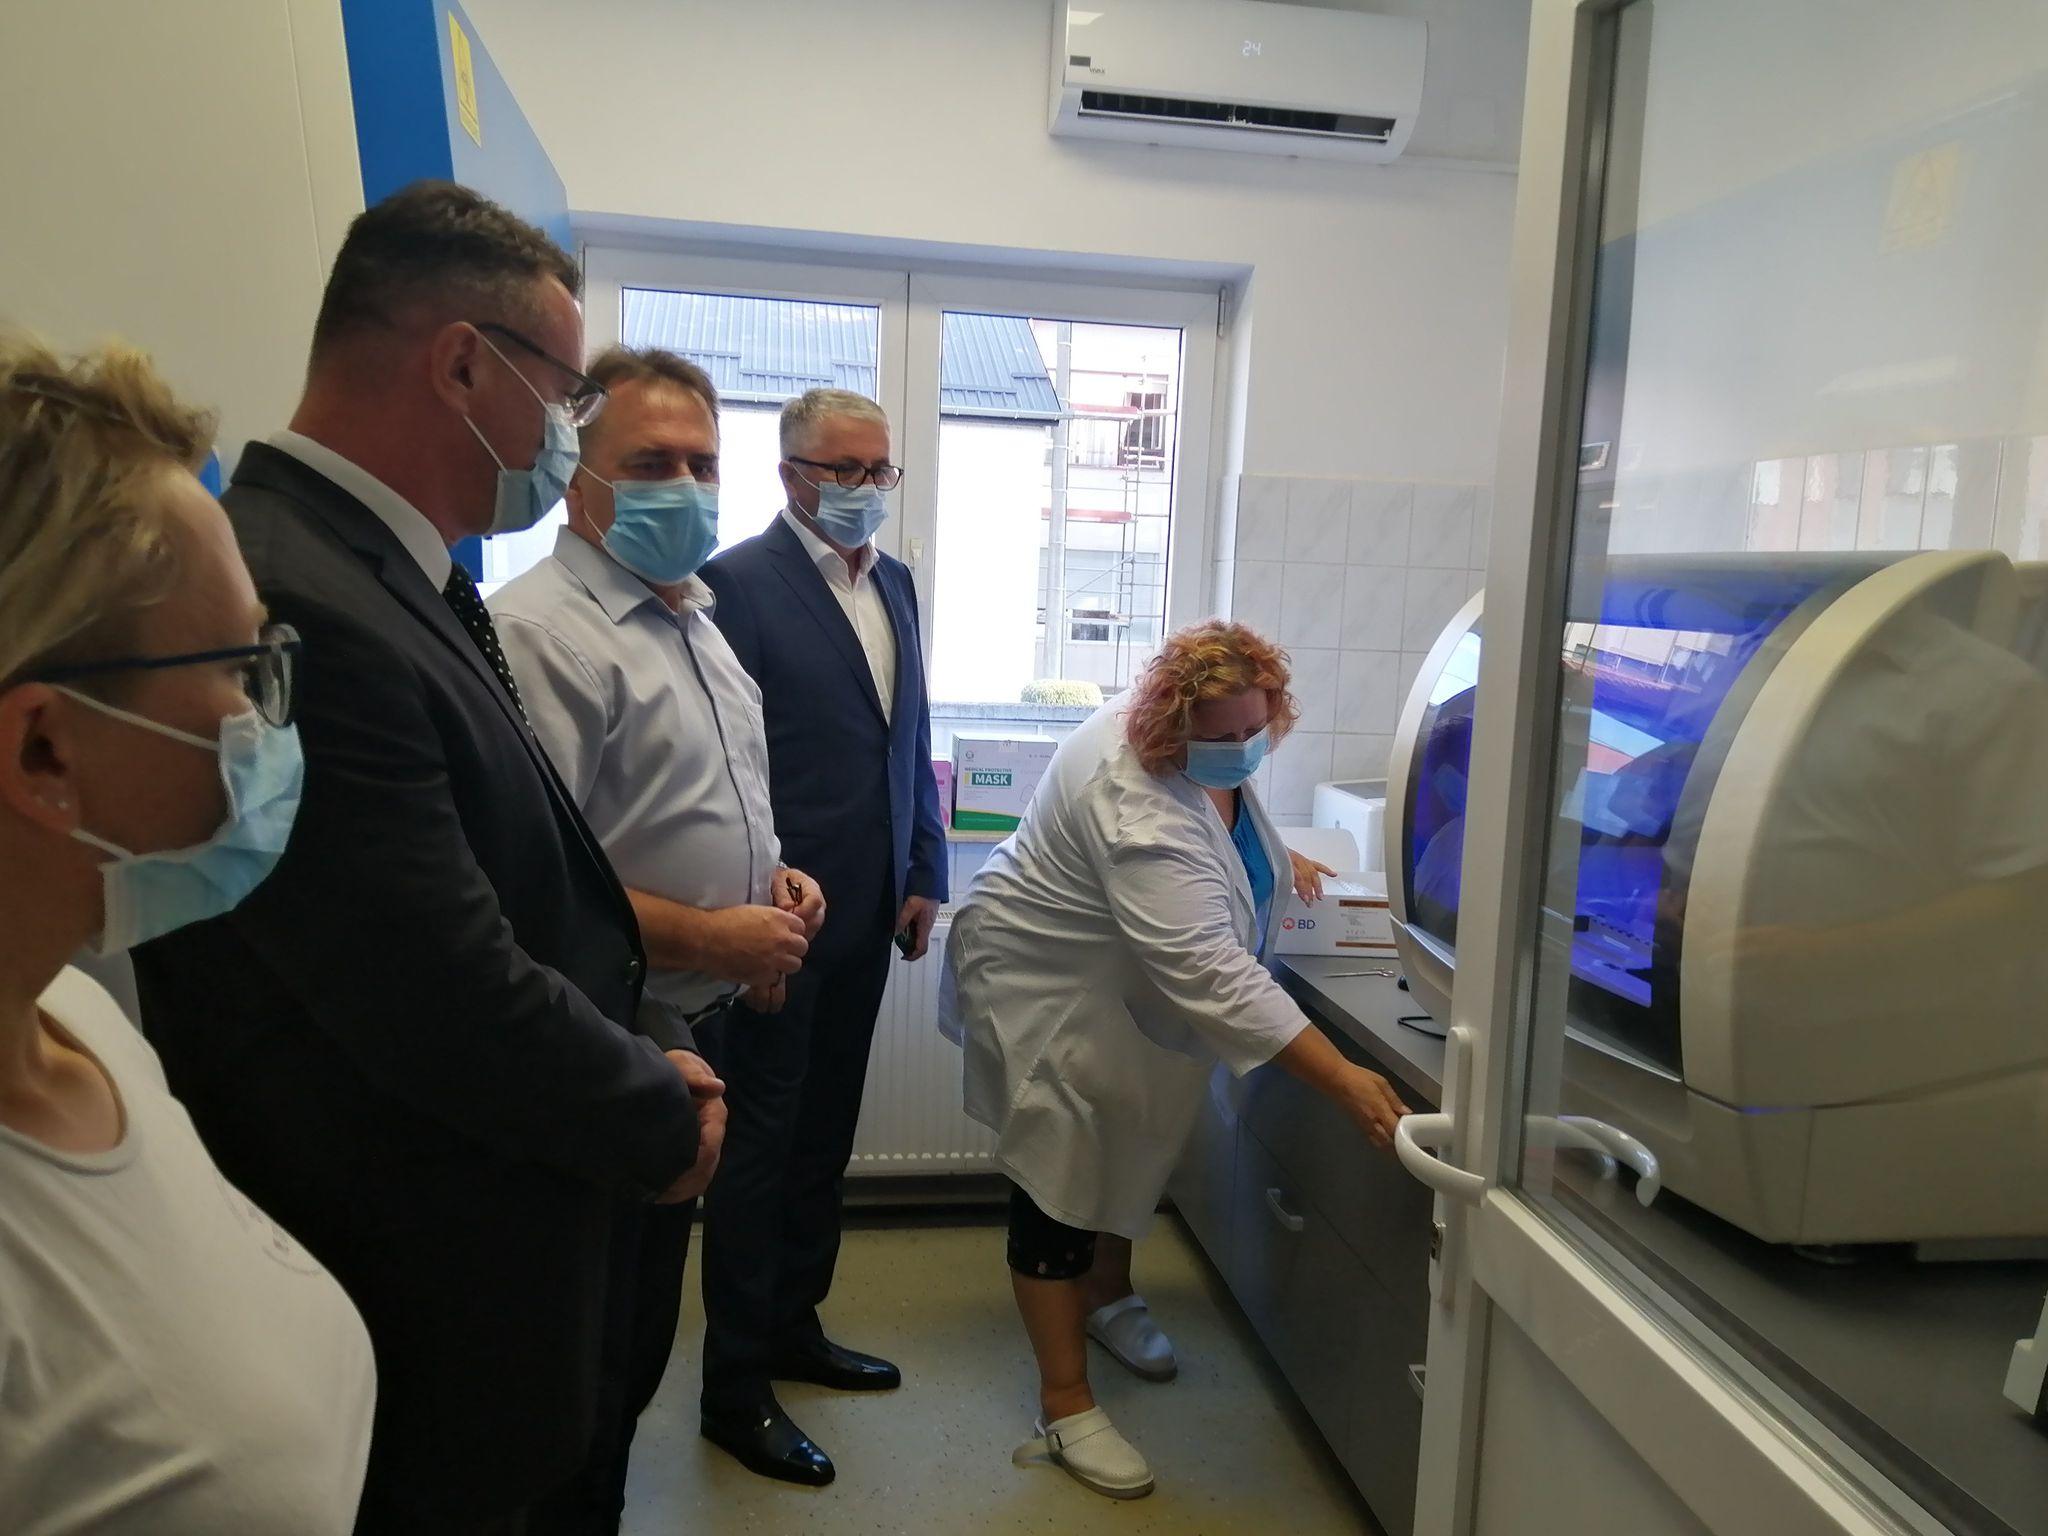 Danas je pušten u rad novi PCR uređaj za brzu analizu briseva osoba testiranih na koronavirus